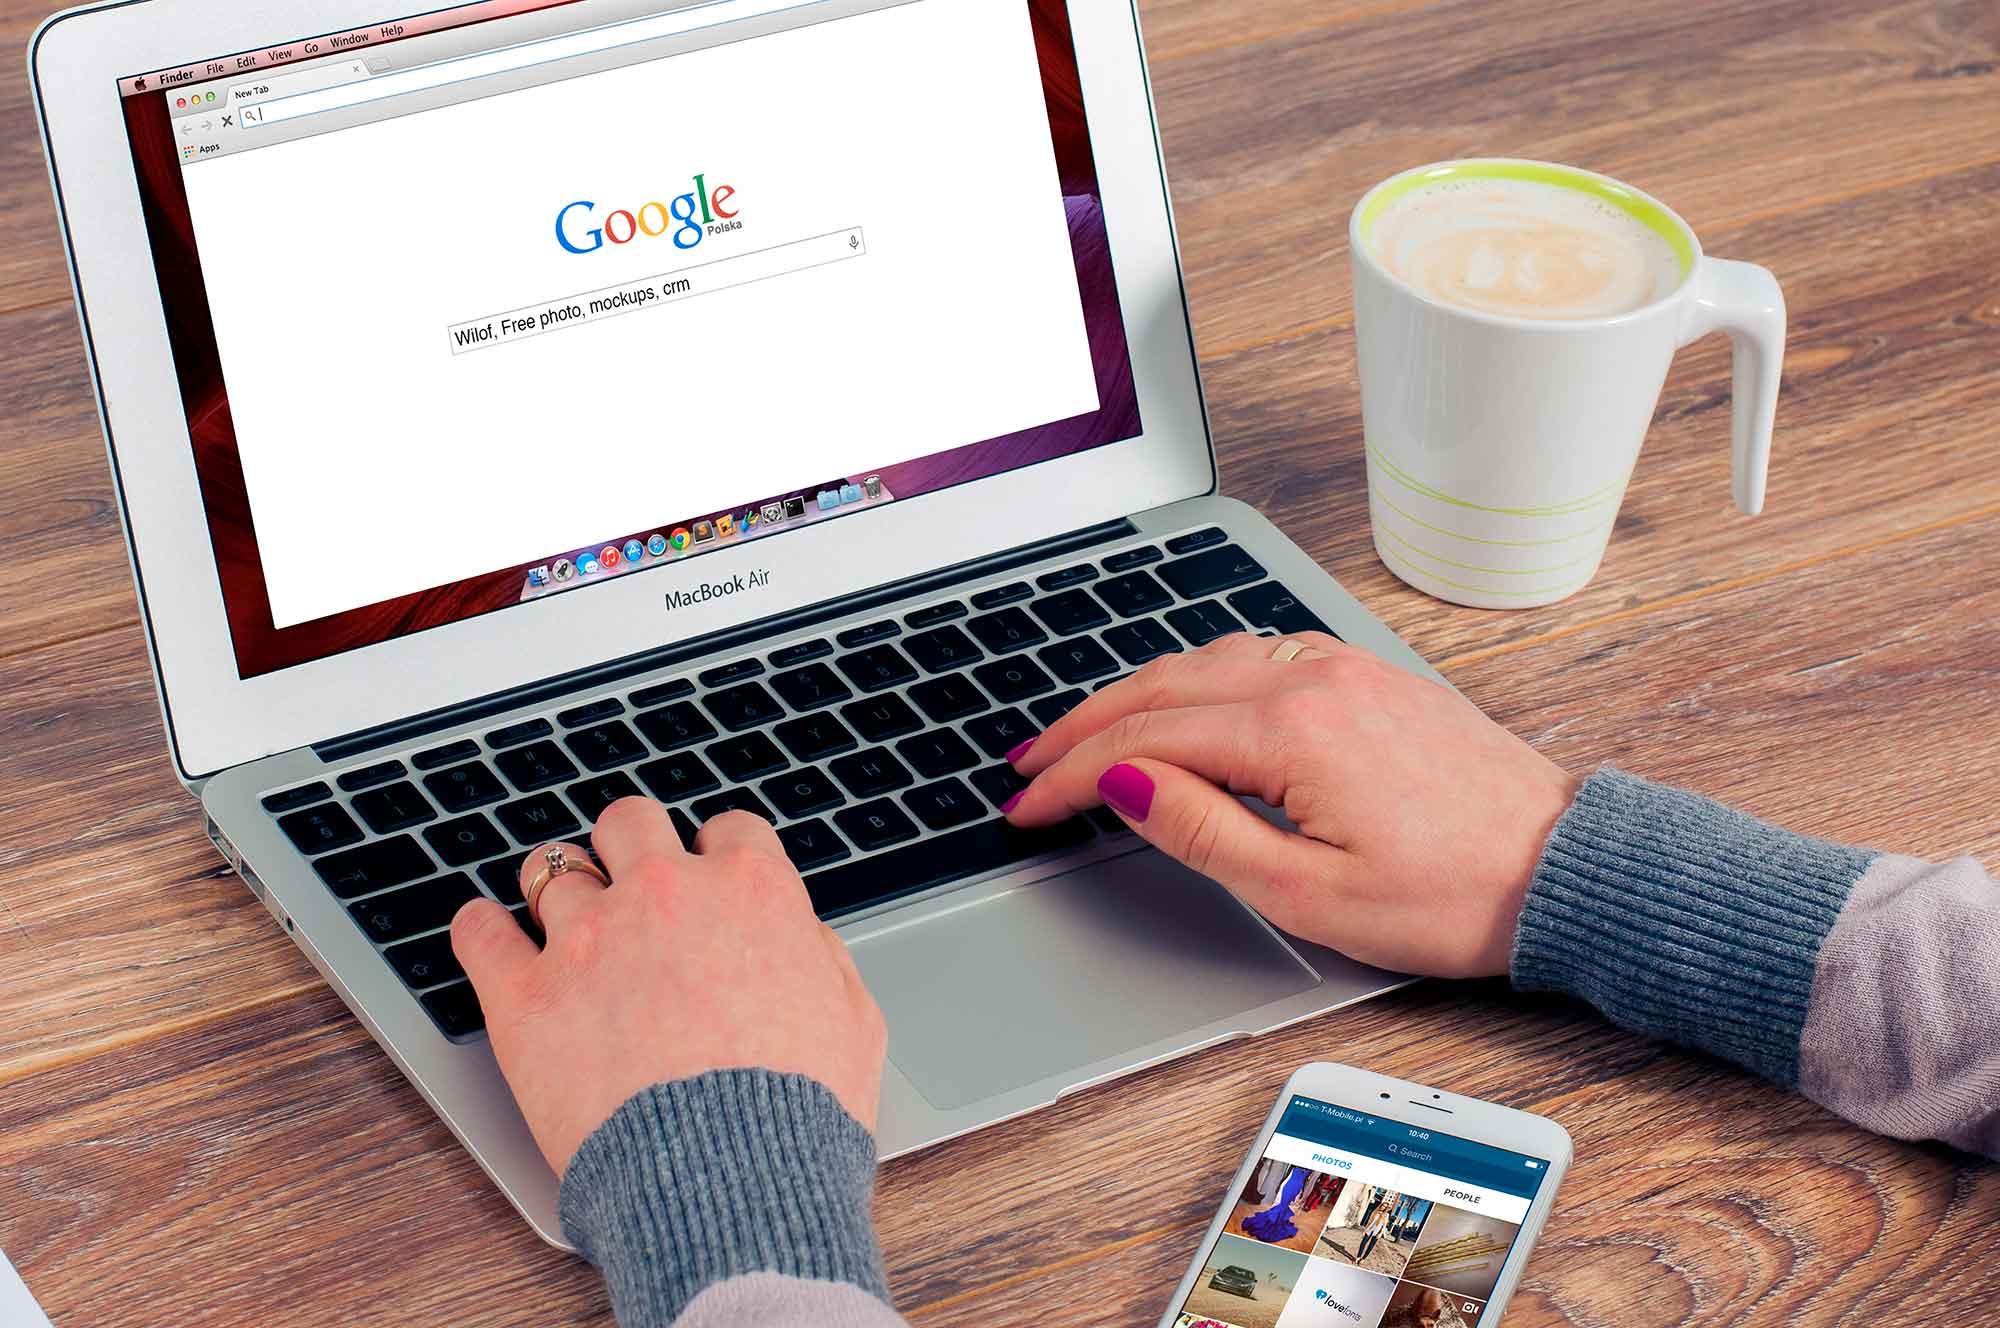 """A busca é tão importante na vida moderna que o termo """"Dar um Google"""" (ou do inglês """"Google it!"""") virou um verbo"""